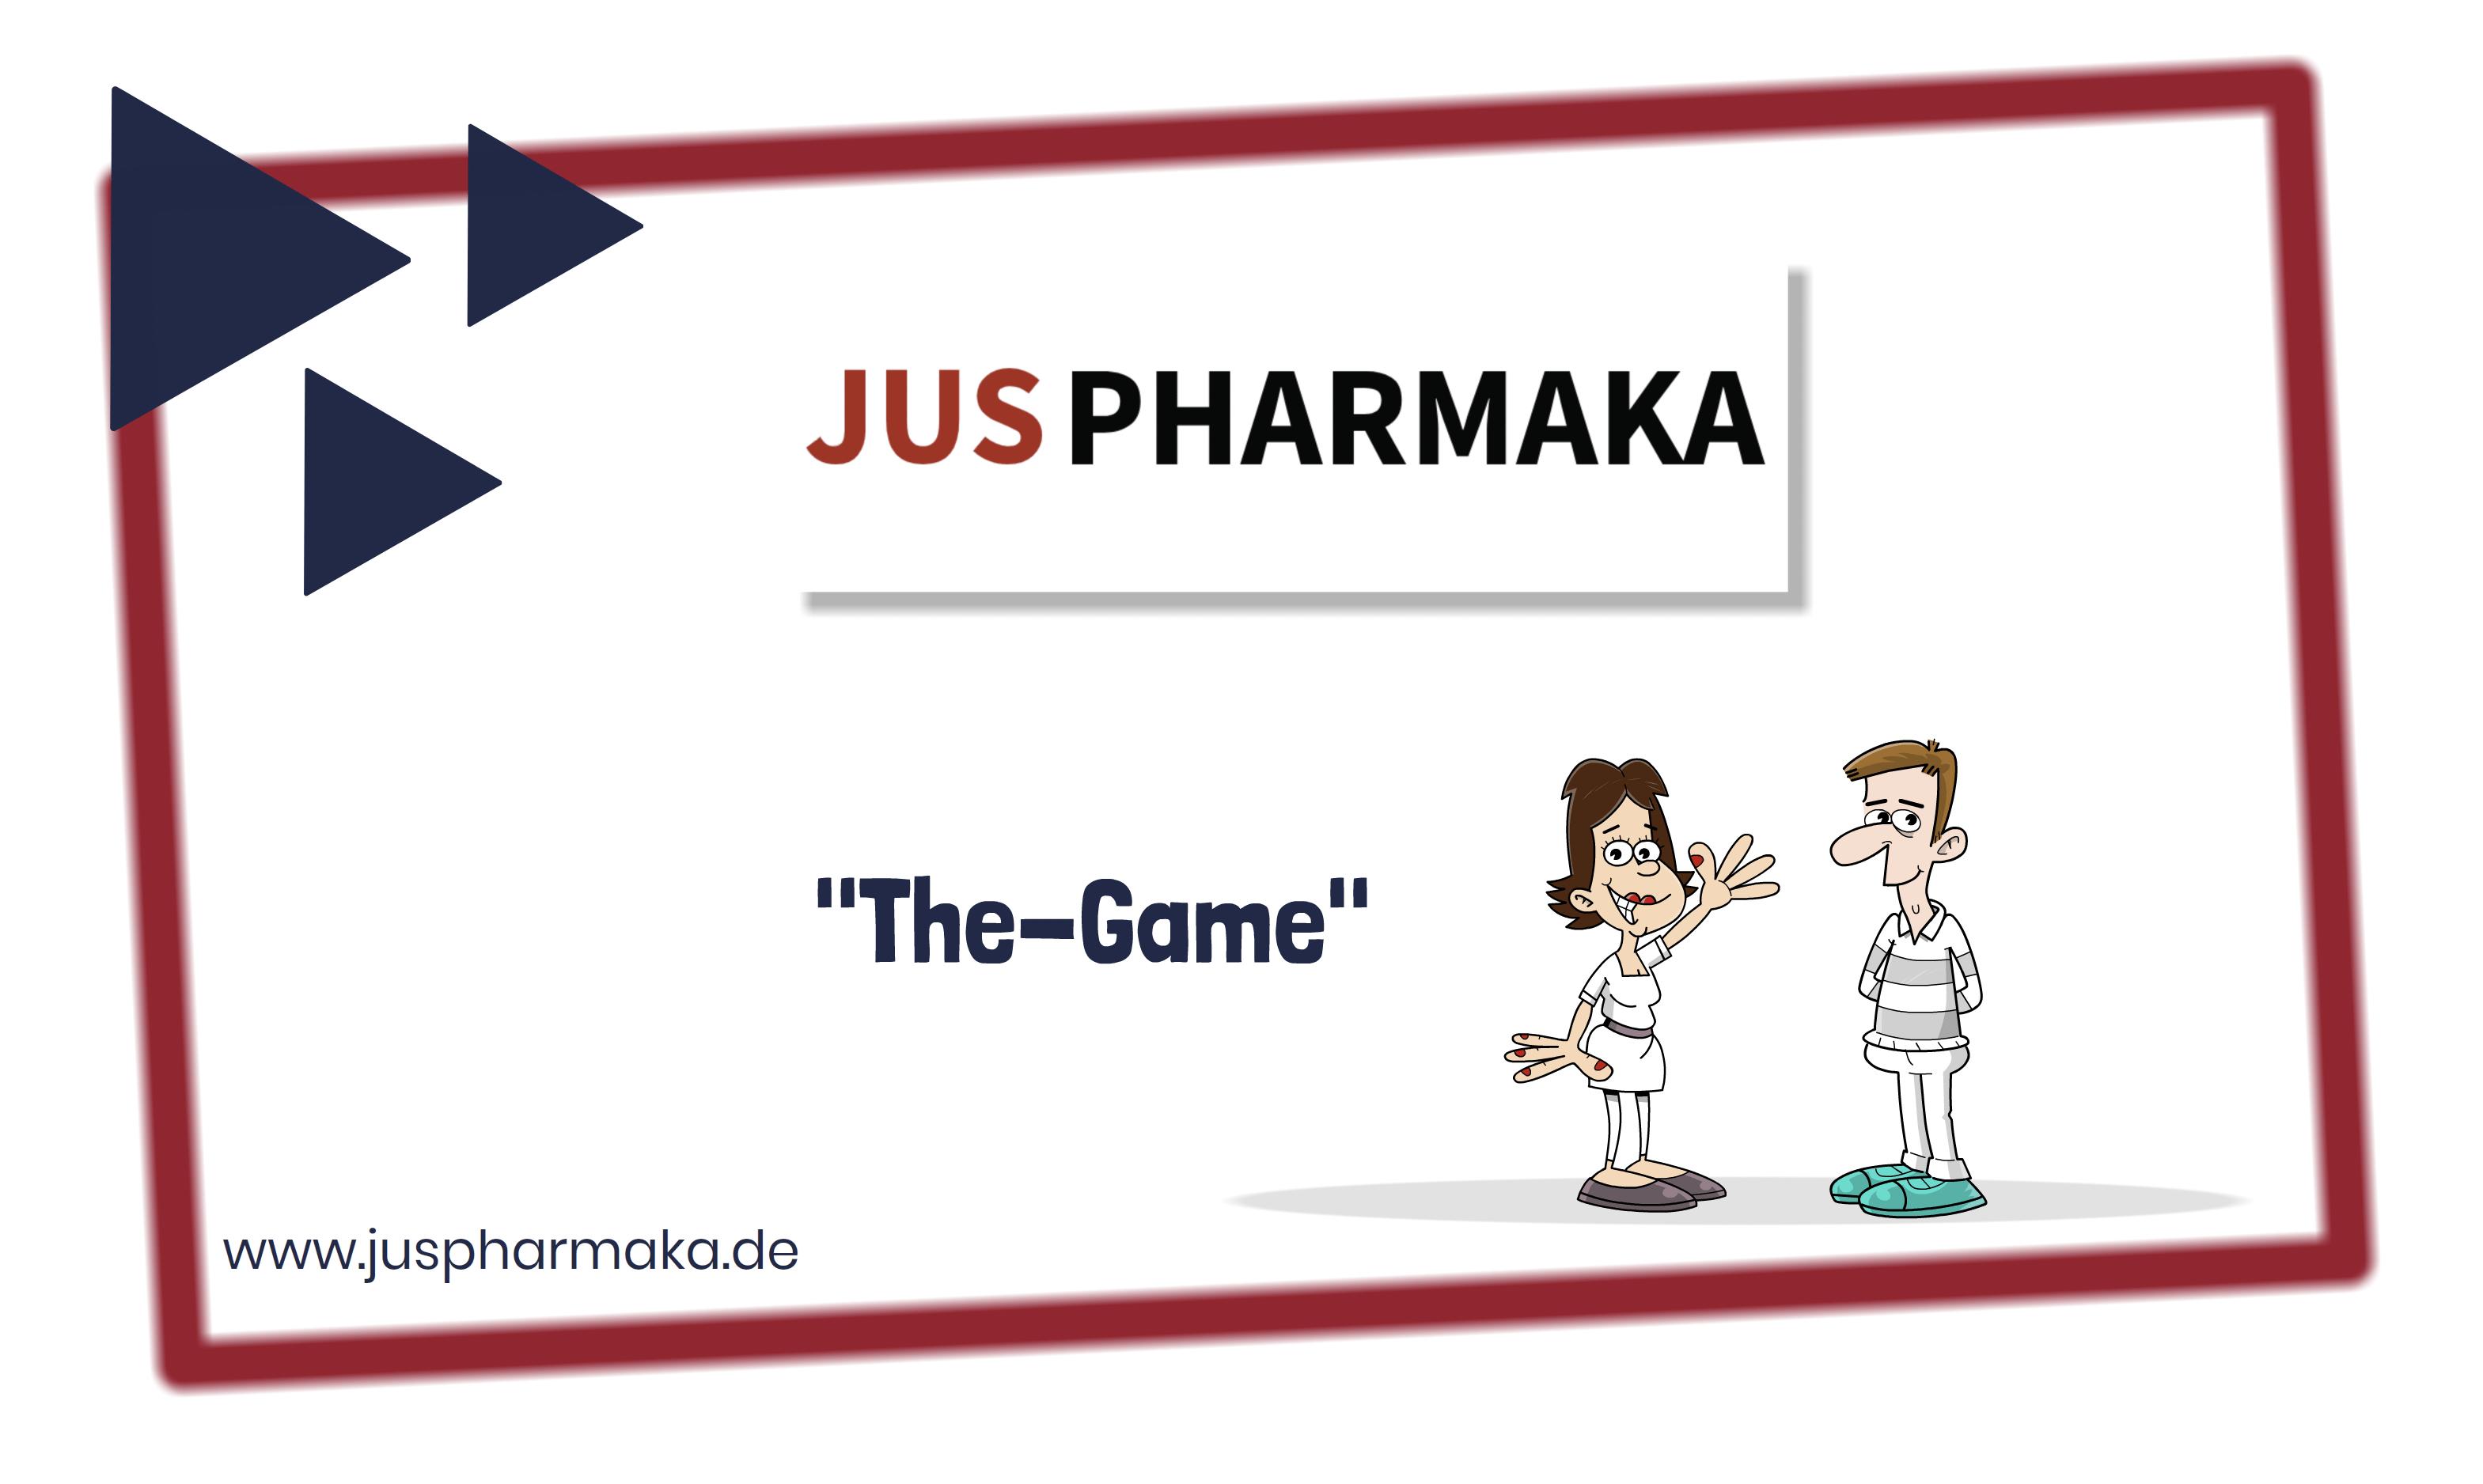 JUSPHARMAKA THE GAME